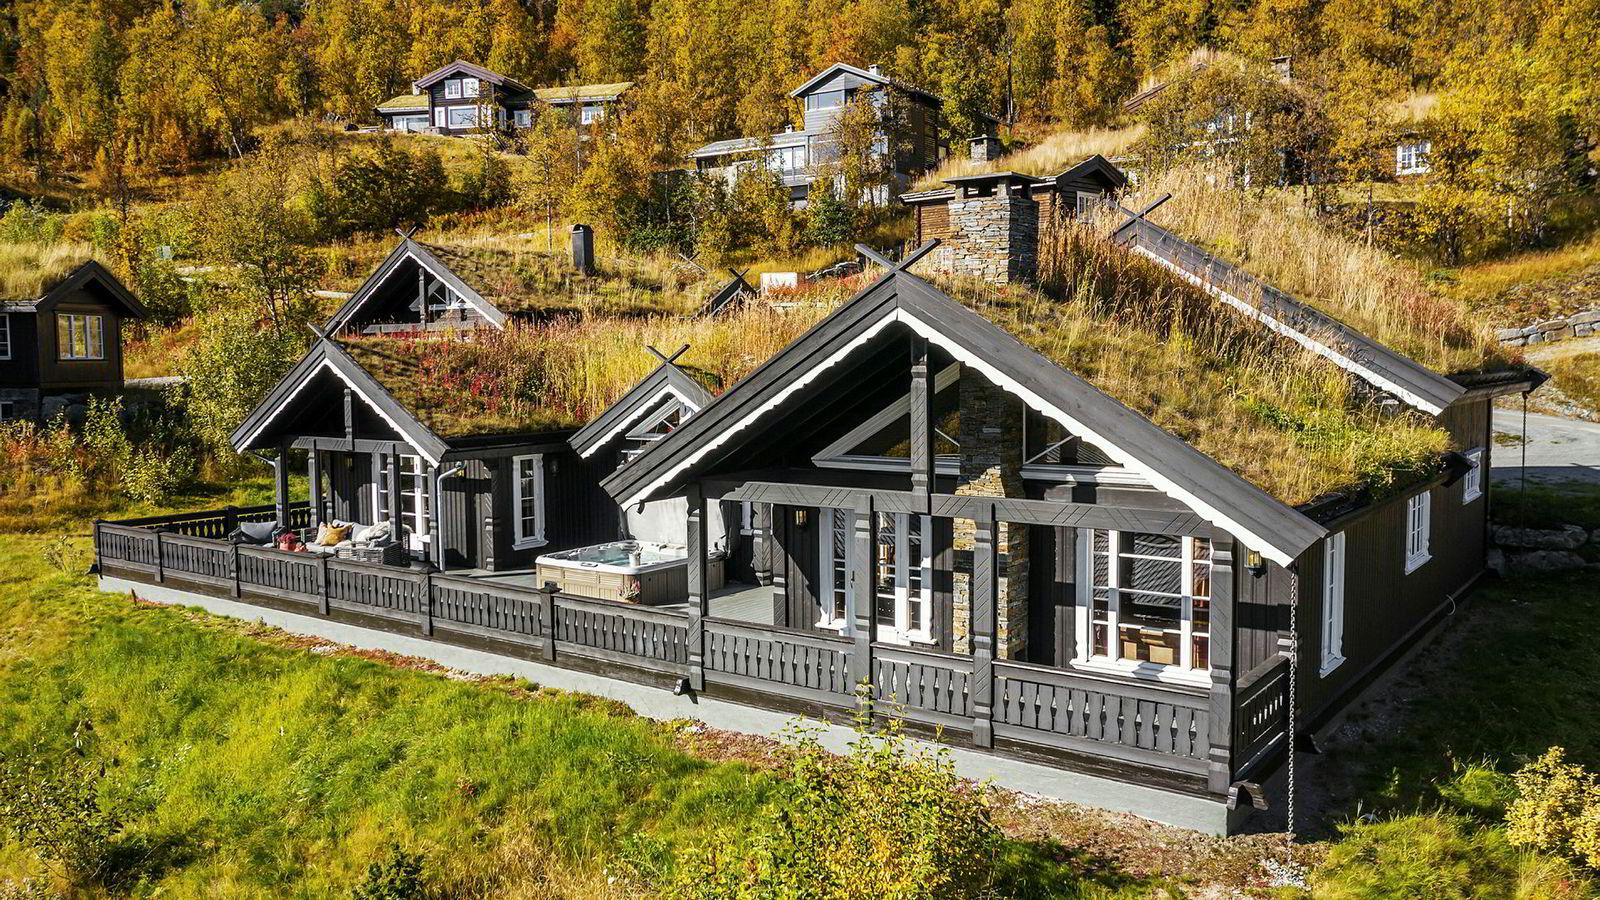 Hemsedal er kommunen med de høyeste fjellhytteprisene. Denne hytta til 12,5 millioner kroner var den dyreste som det var visning på i helgen.